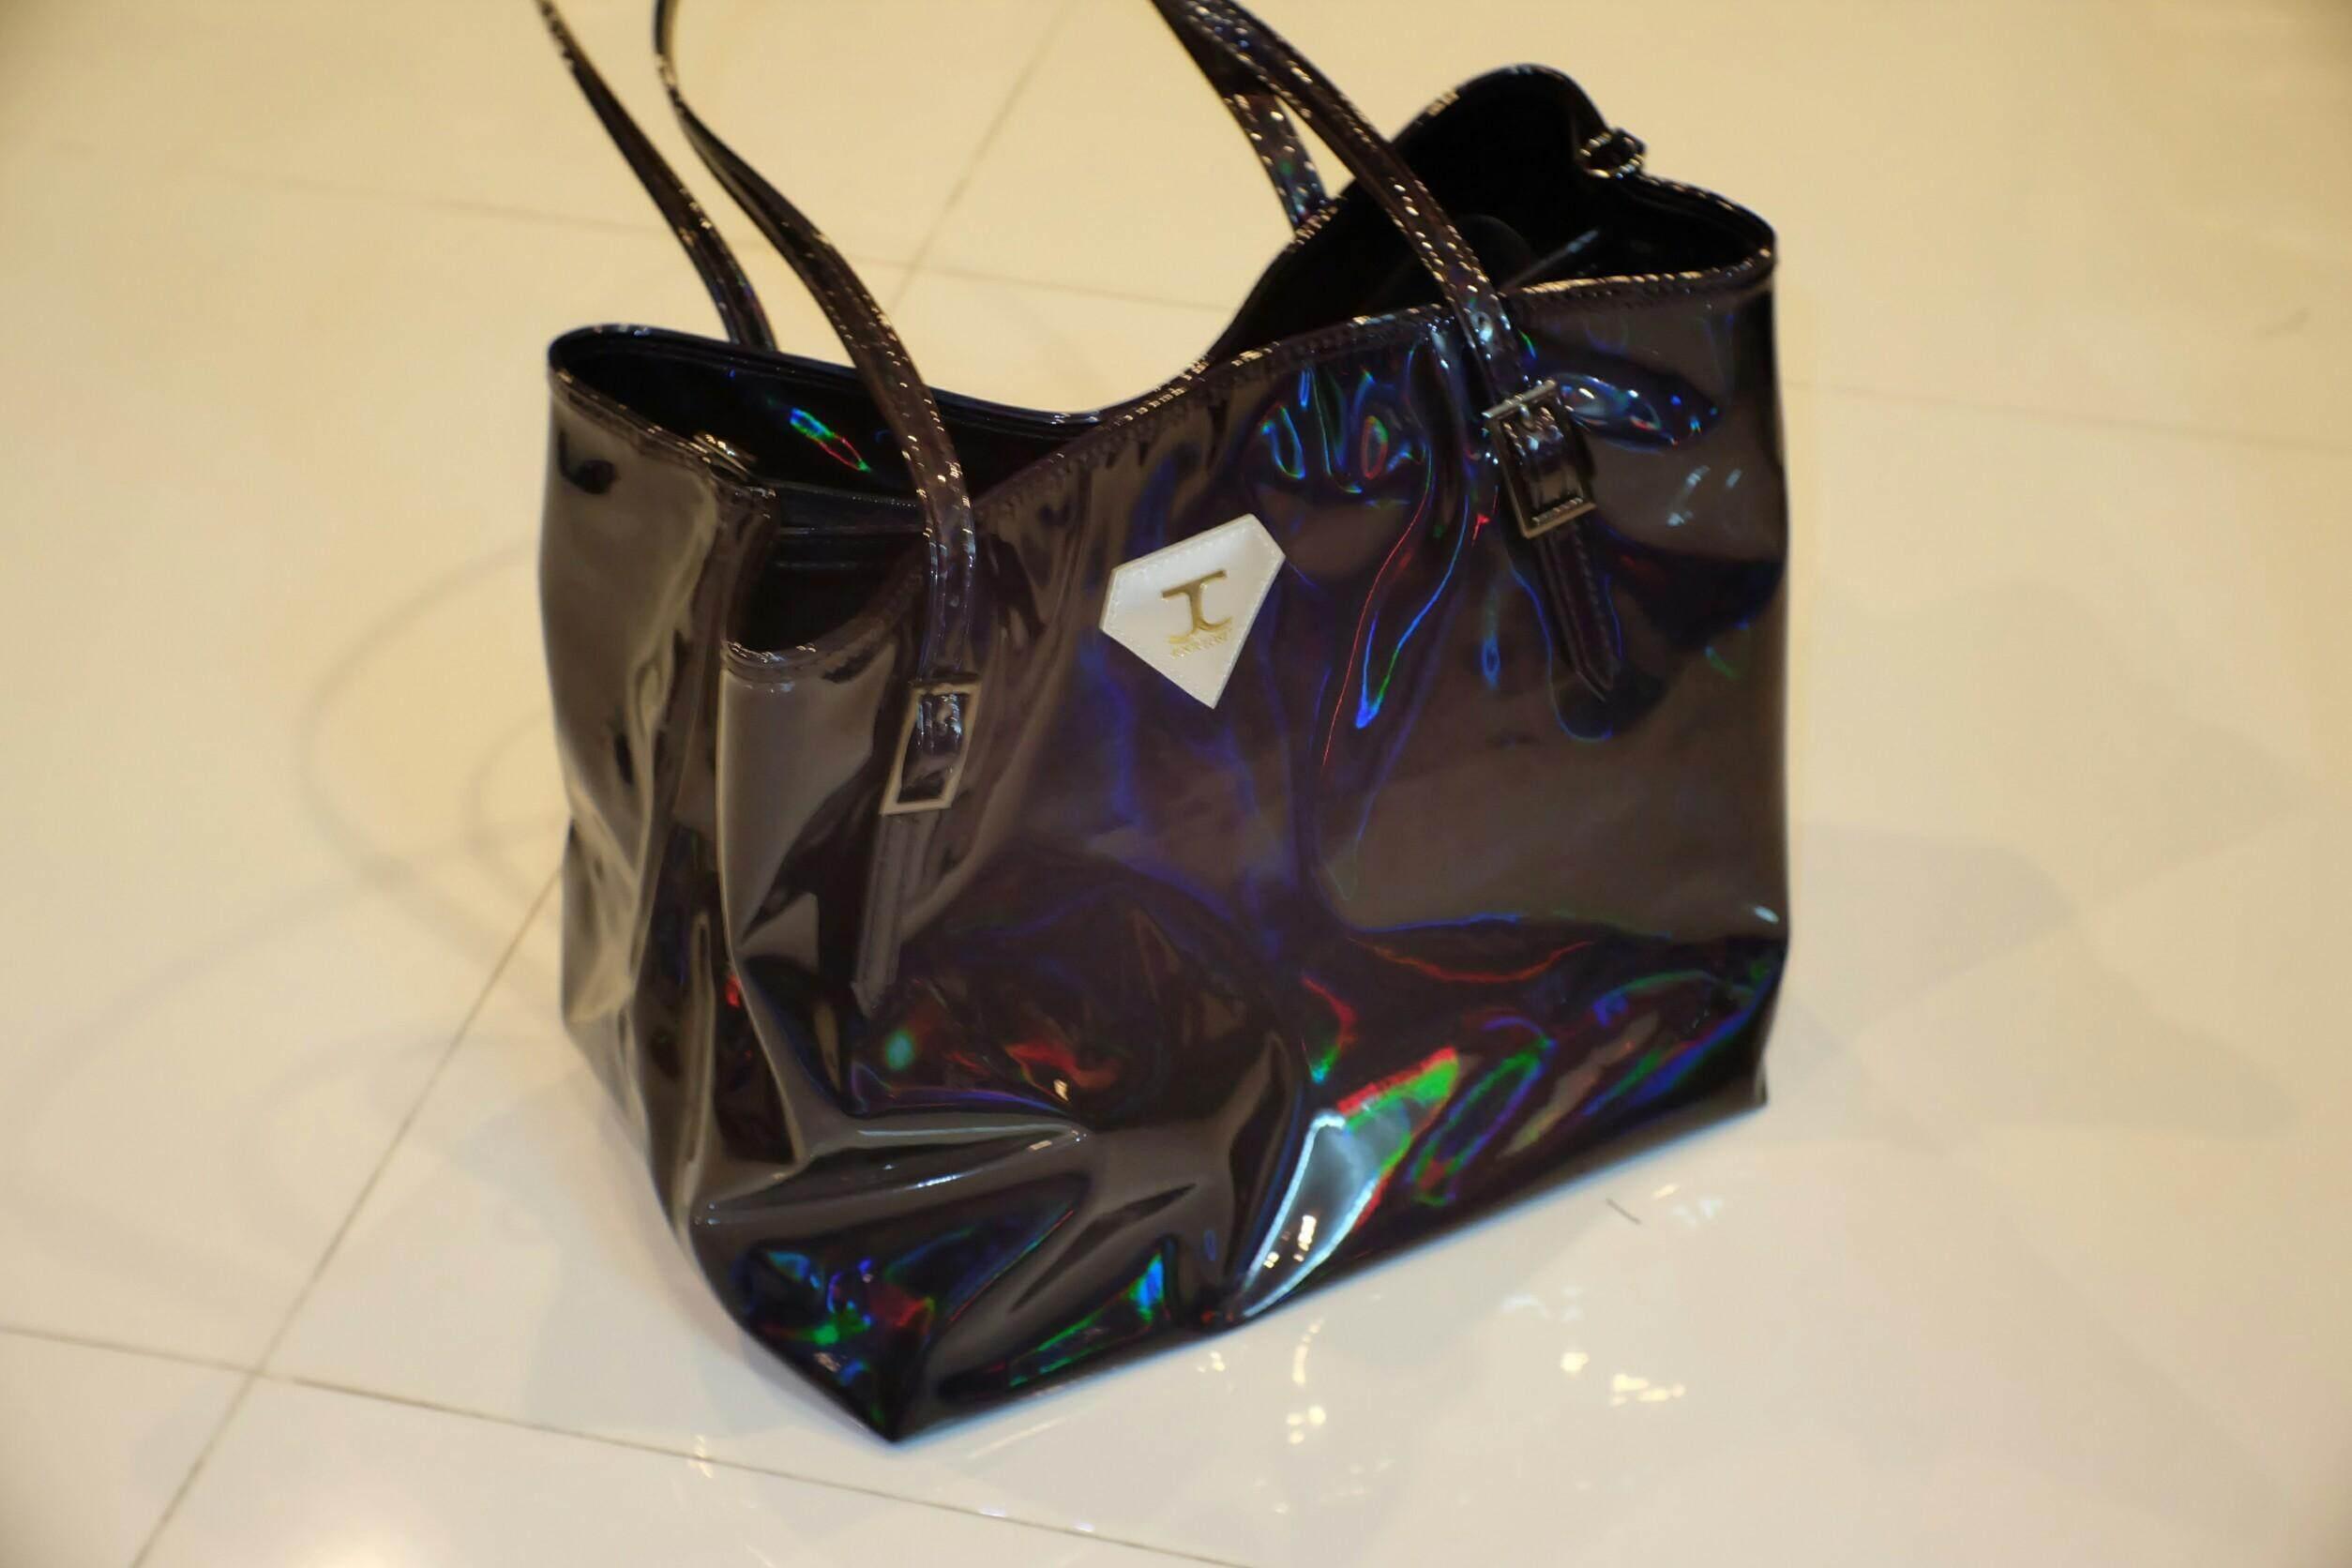 กระเป๋าถือ นักเรียน ผู้หญิง วัยรุ่น ลำปาง JUSTCLOSET MIDNIGHT origianal tote bag   กระเป๋าtote จุดของเยอะมากเว่อร์ๆ เหมาะสำหรับเป็น กระเป๋าไปเรียน กระเป๋าทำงาน